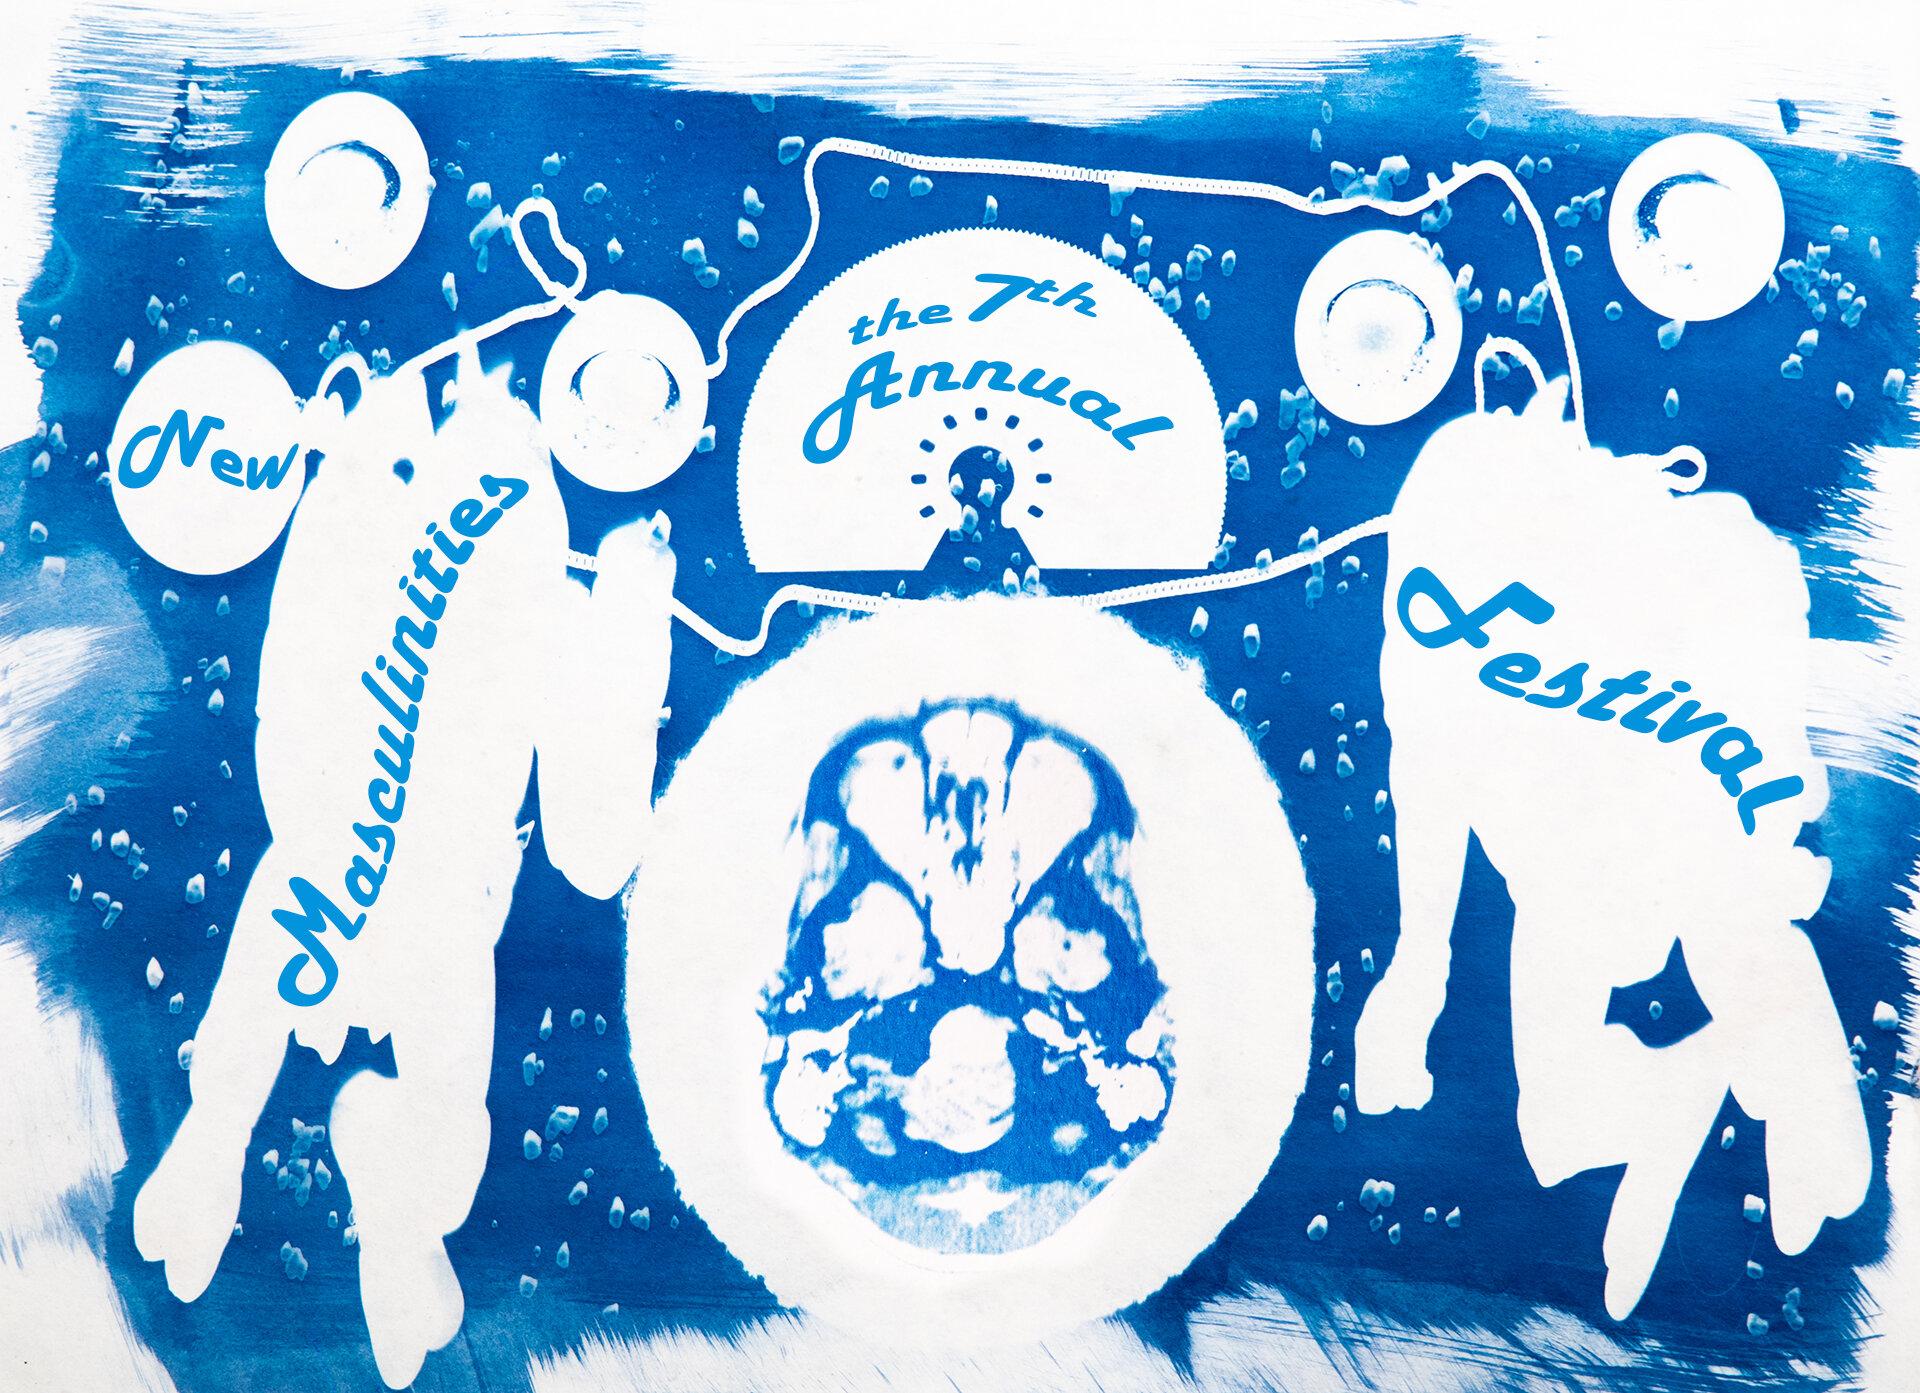 7th Annual Fest Banner